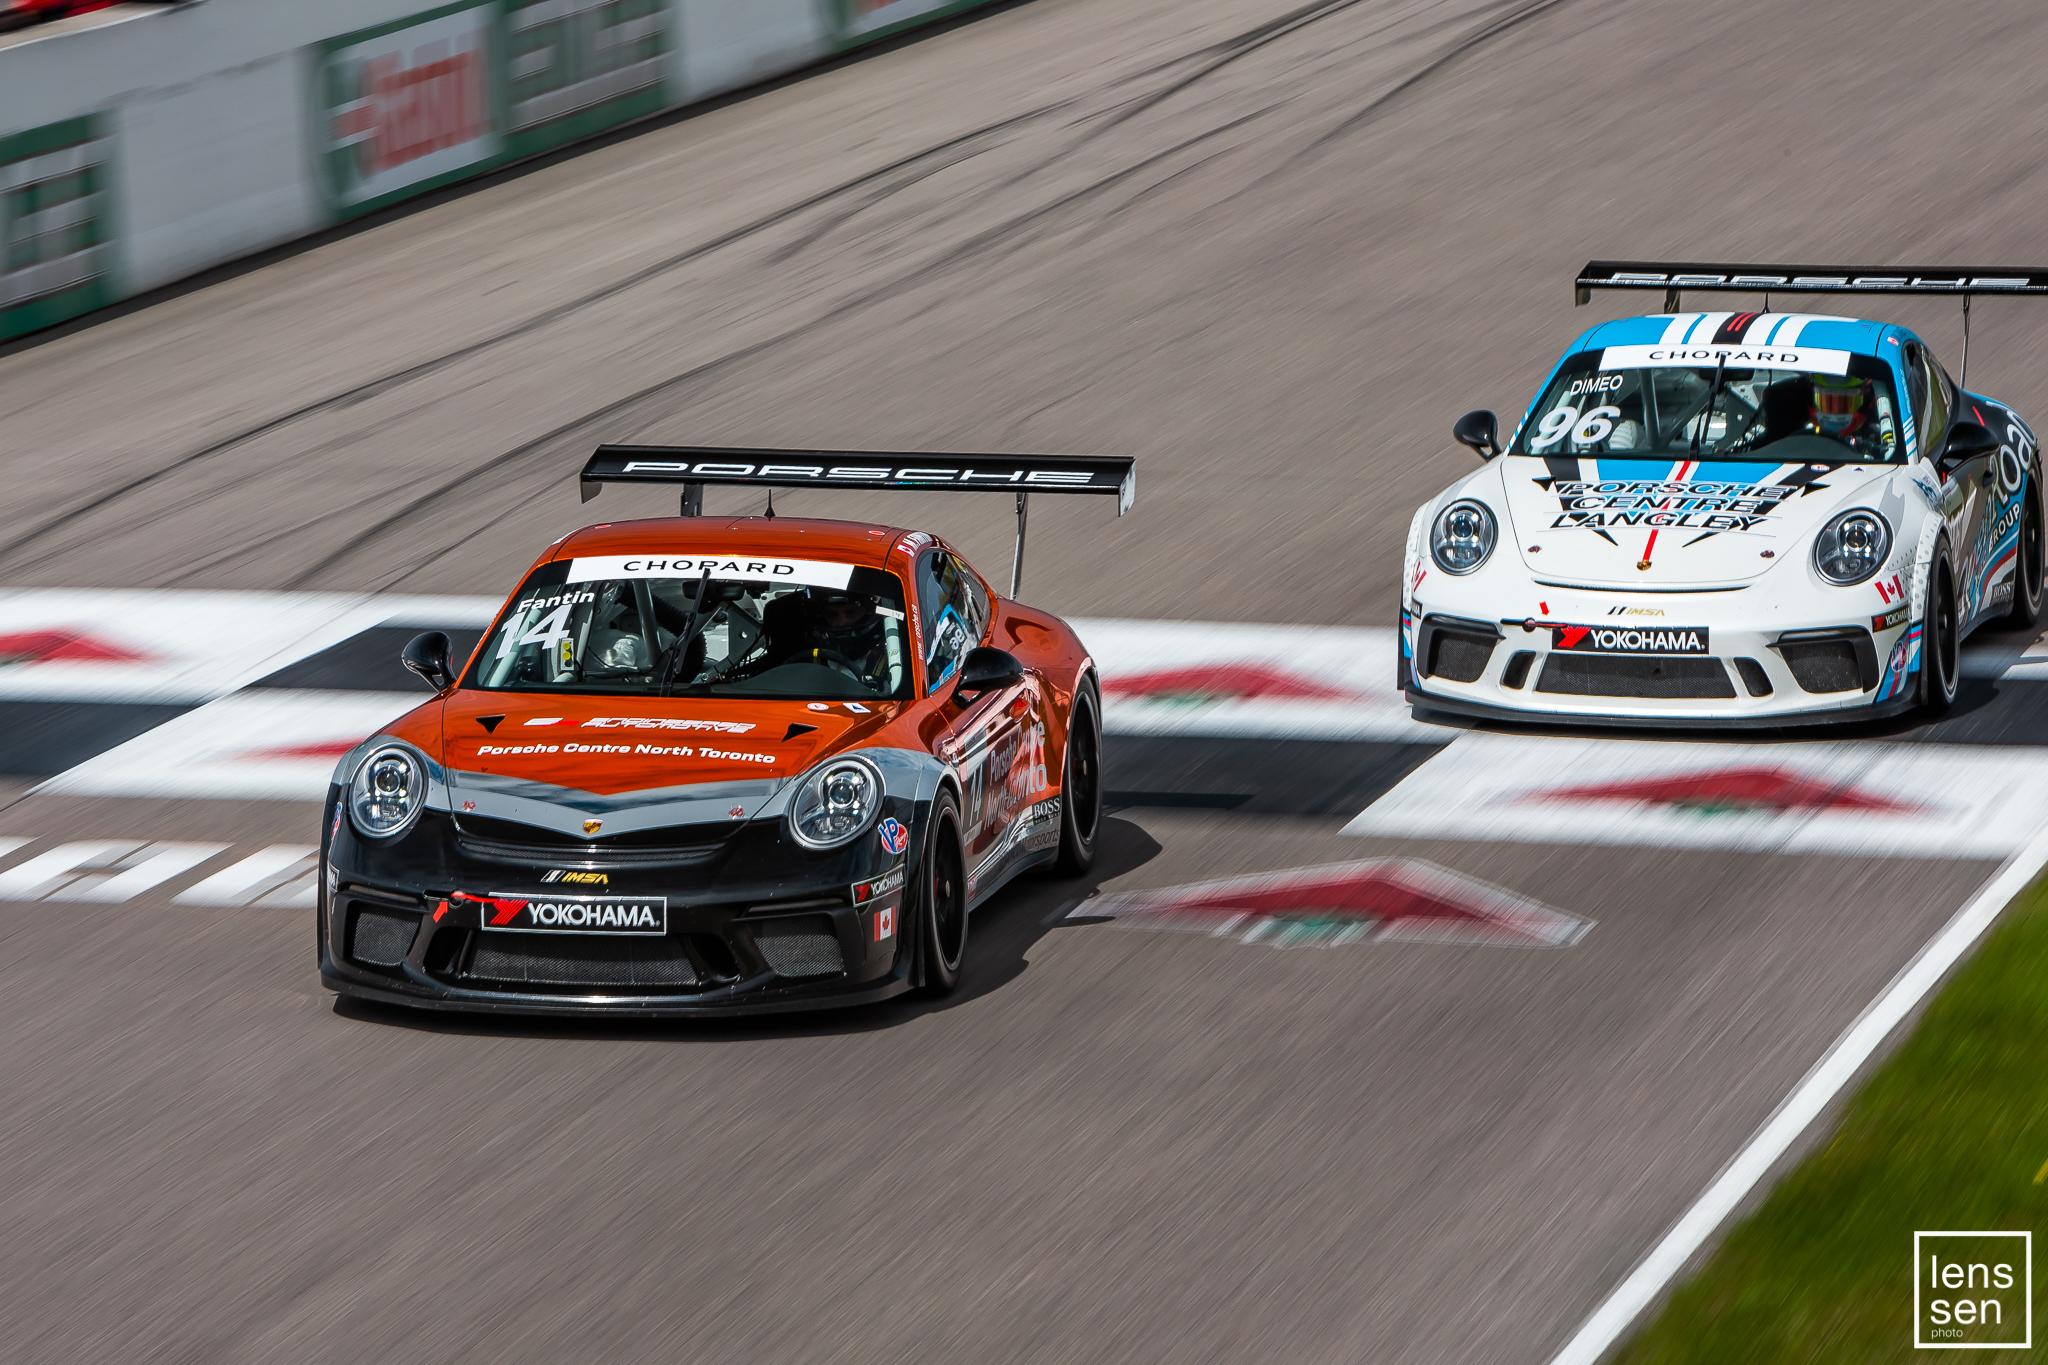 Porsche GT3 Cup Challenge Canada - 052019 - CTMP Mosport VDS 2019 - Lenssen Photo - 143 -8281.jpg